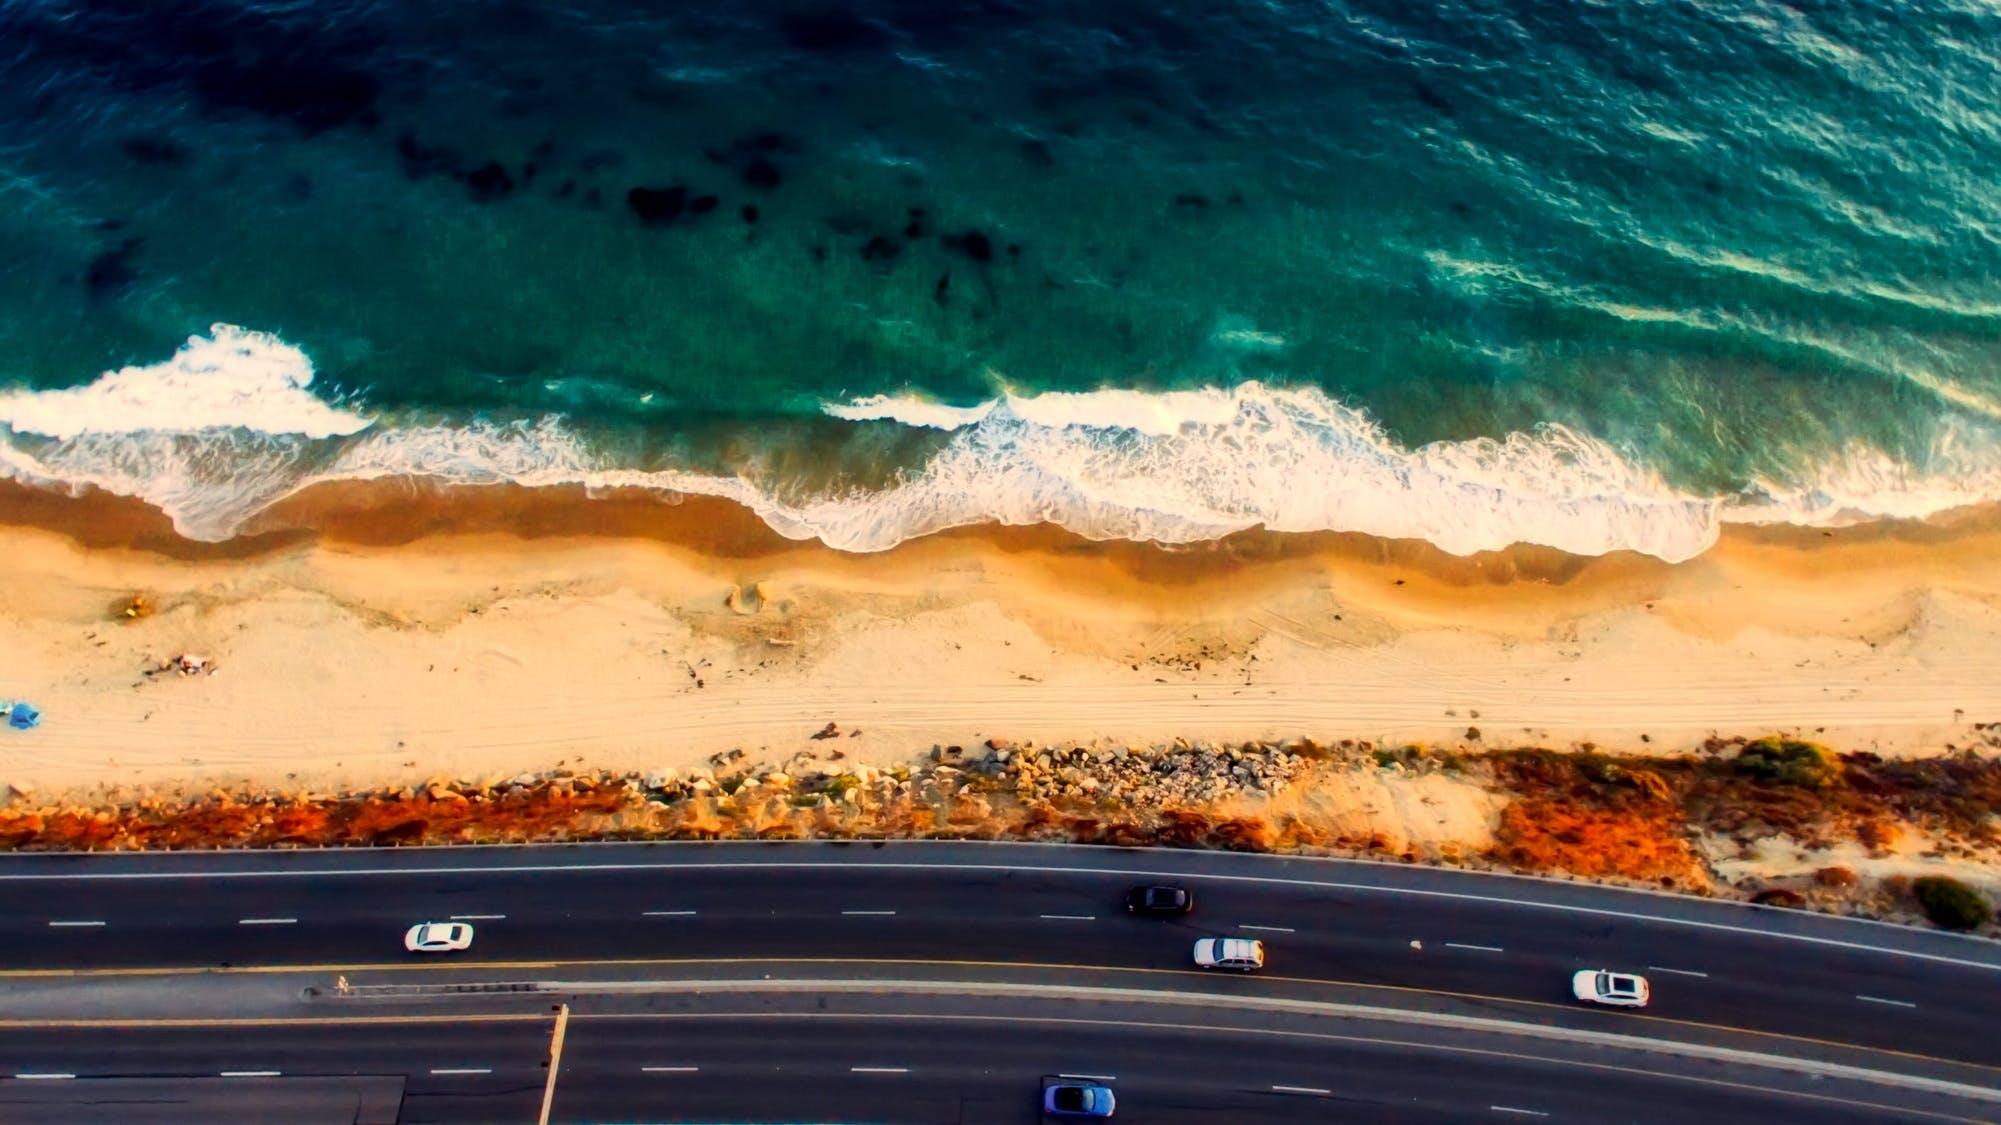 aerial view, beach, bird's eye view